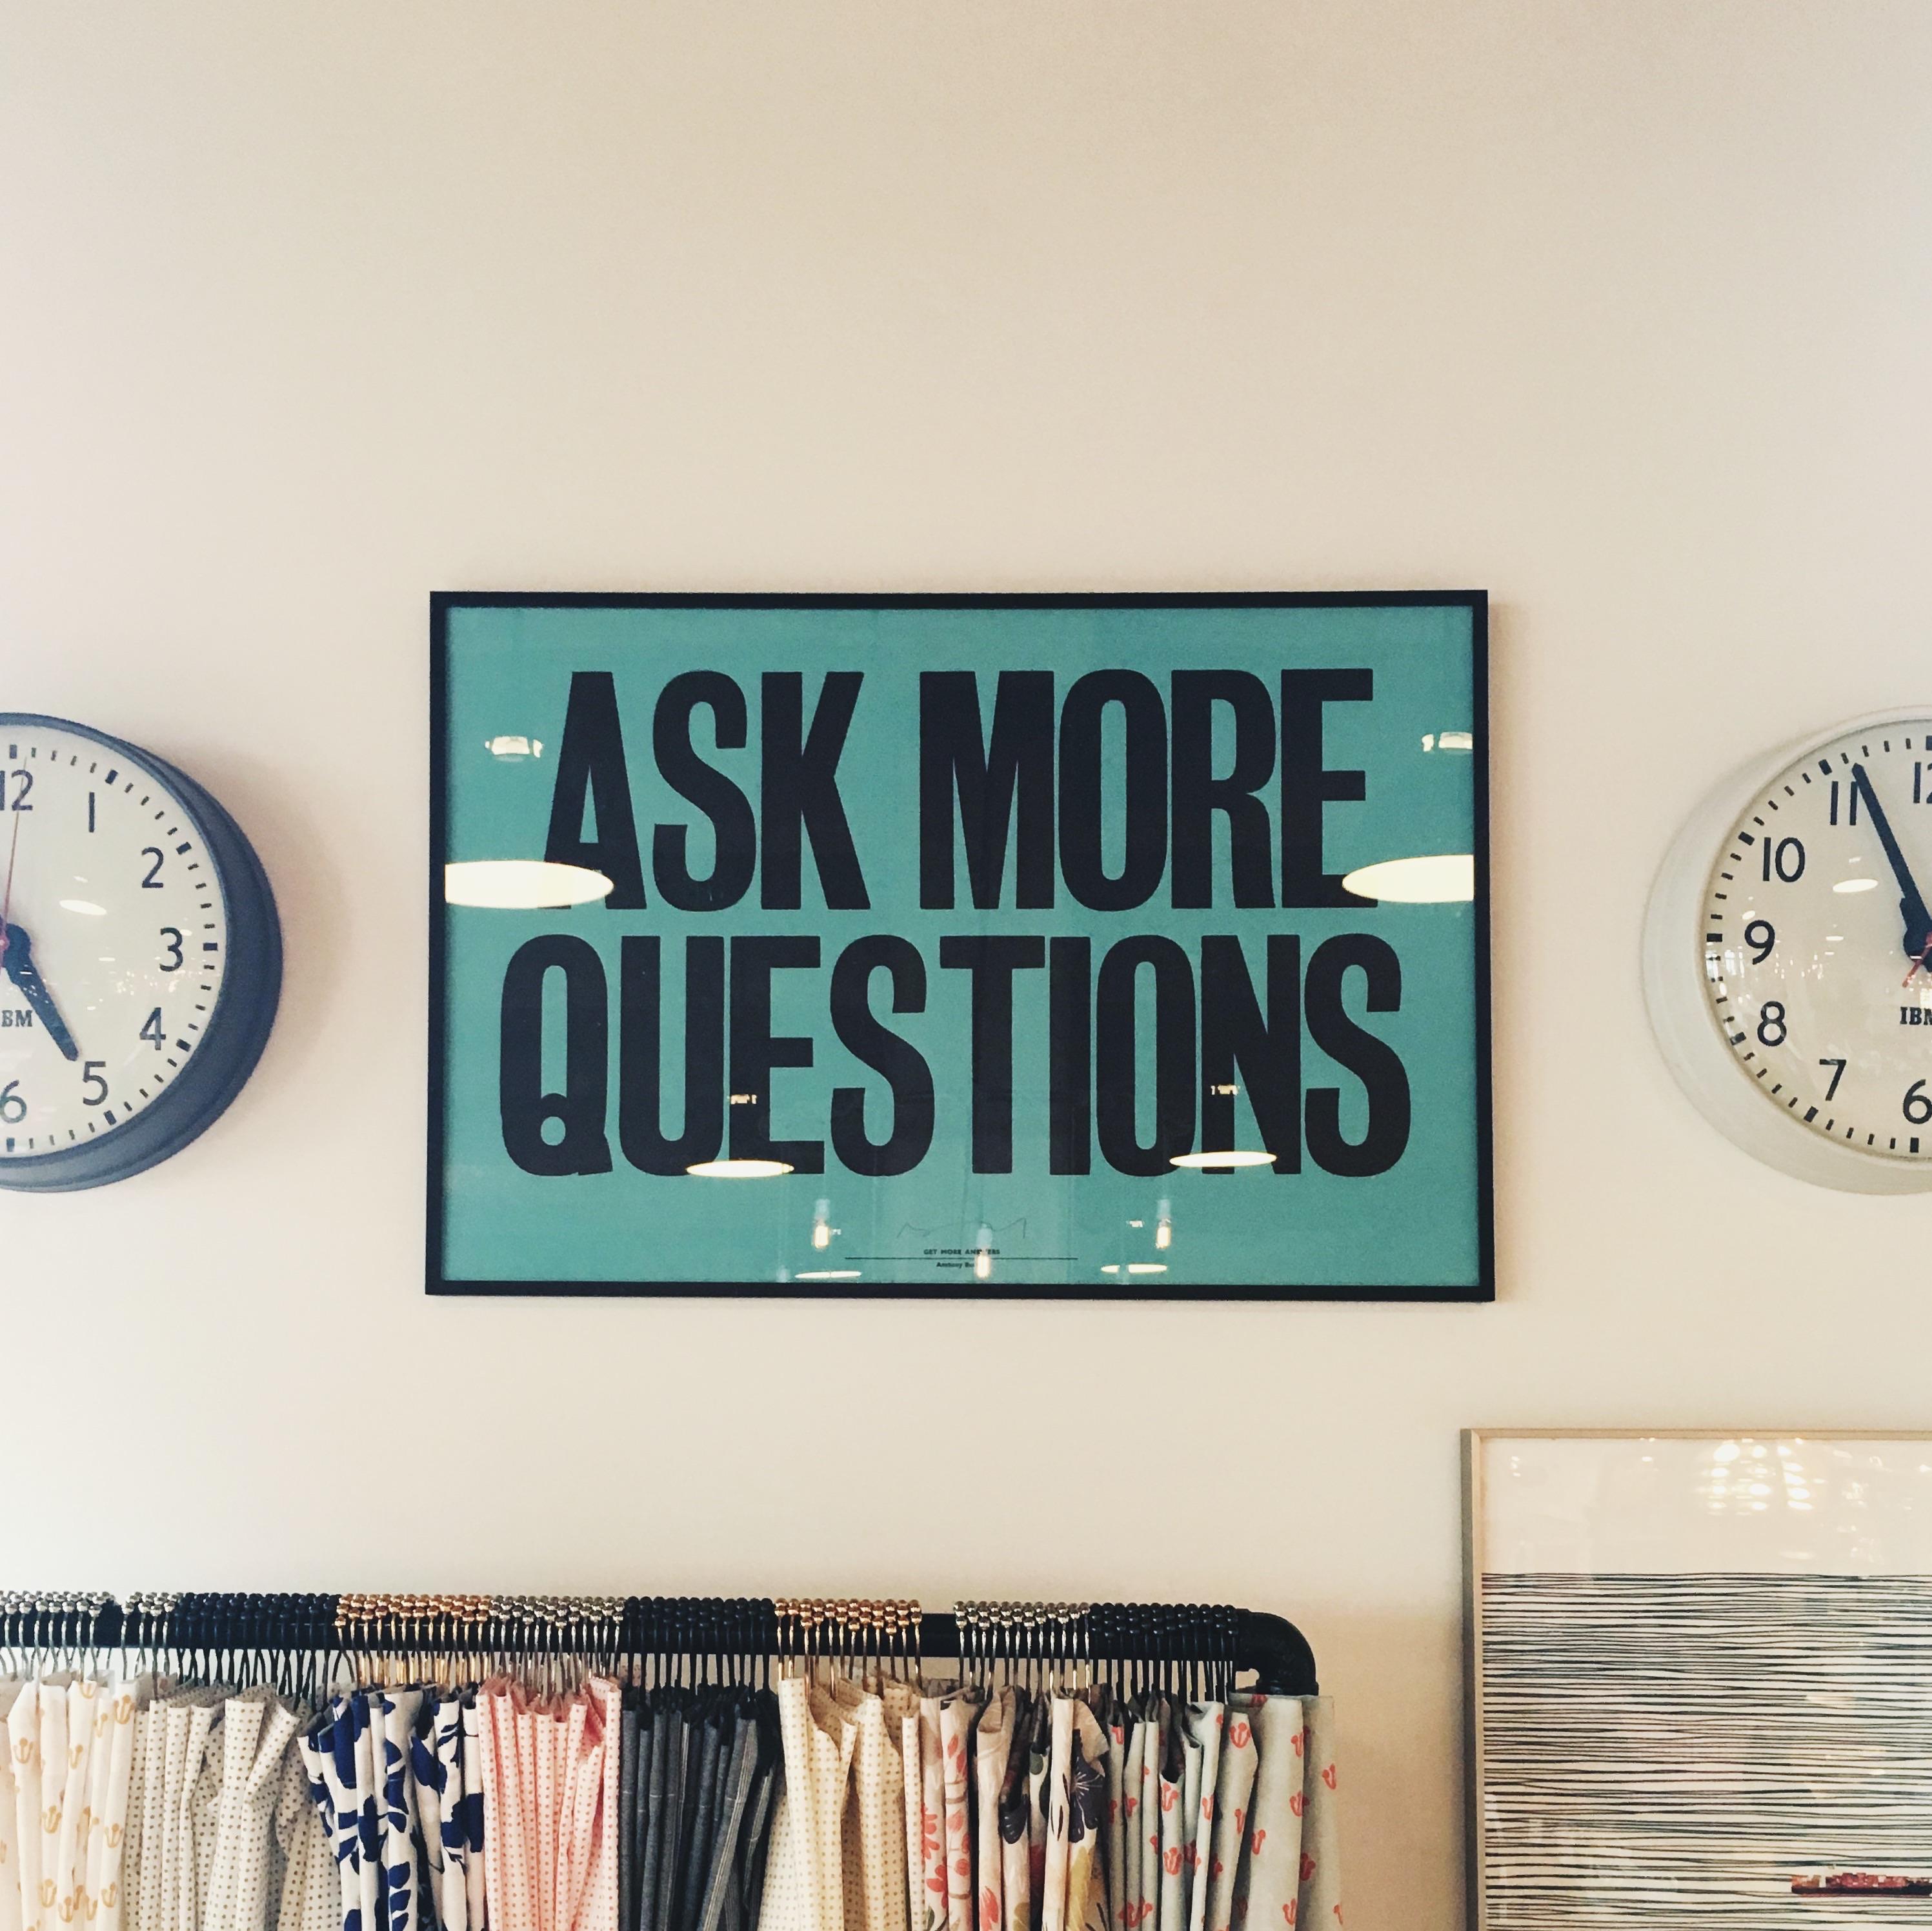 ¿Qué quieren los clientes?